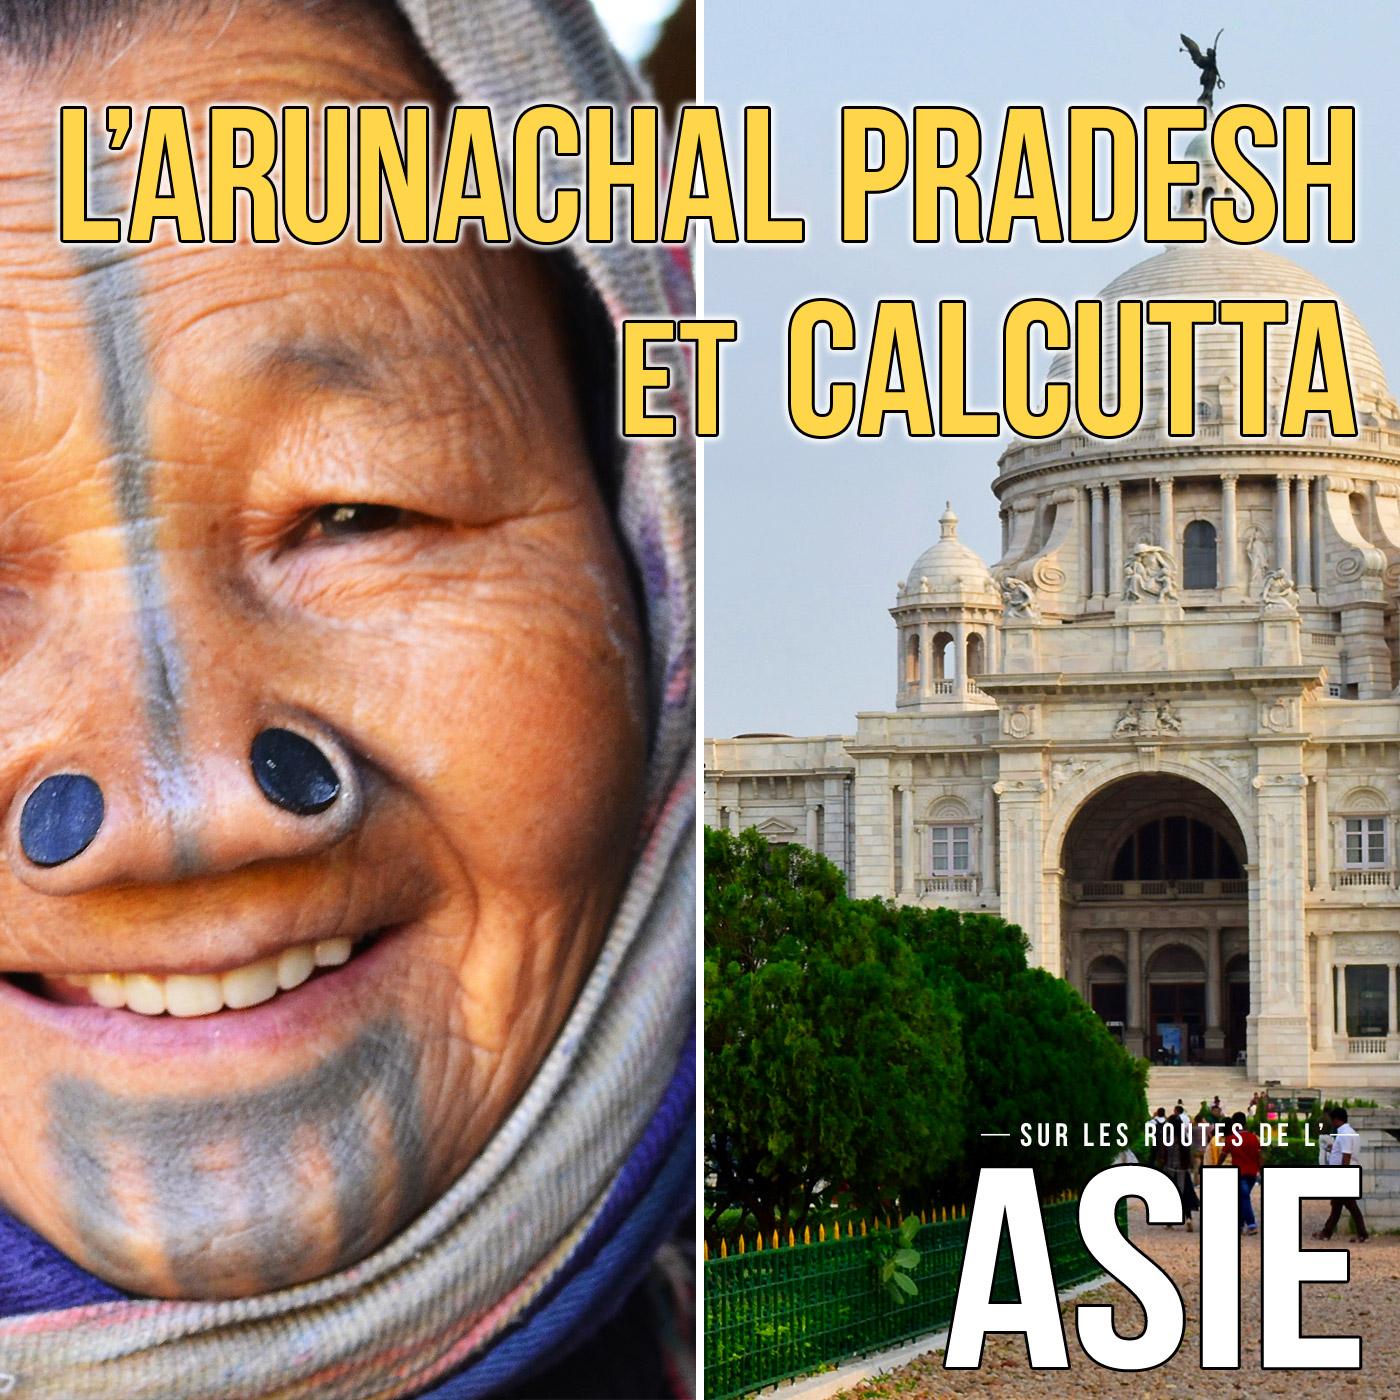 L'Arunachal Pradesh et Calcutta (Inde)